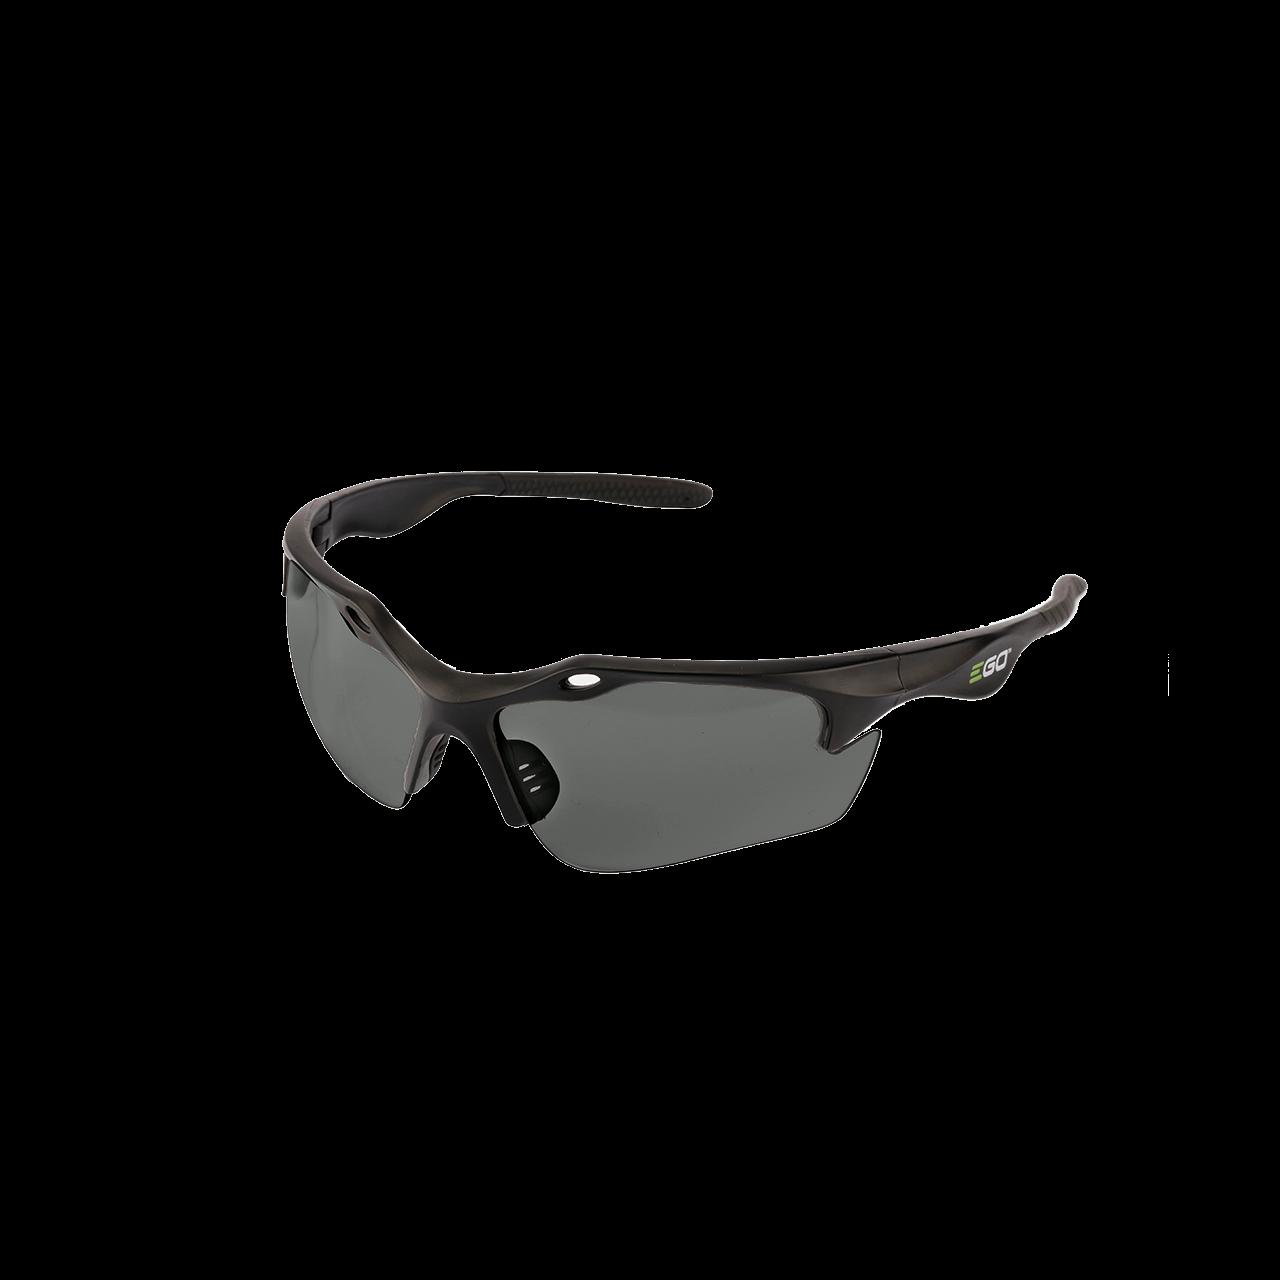 GS002 Occhiali di sicurezza - Ego Power+